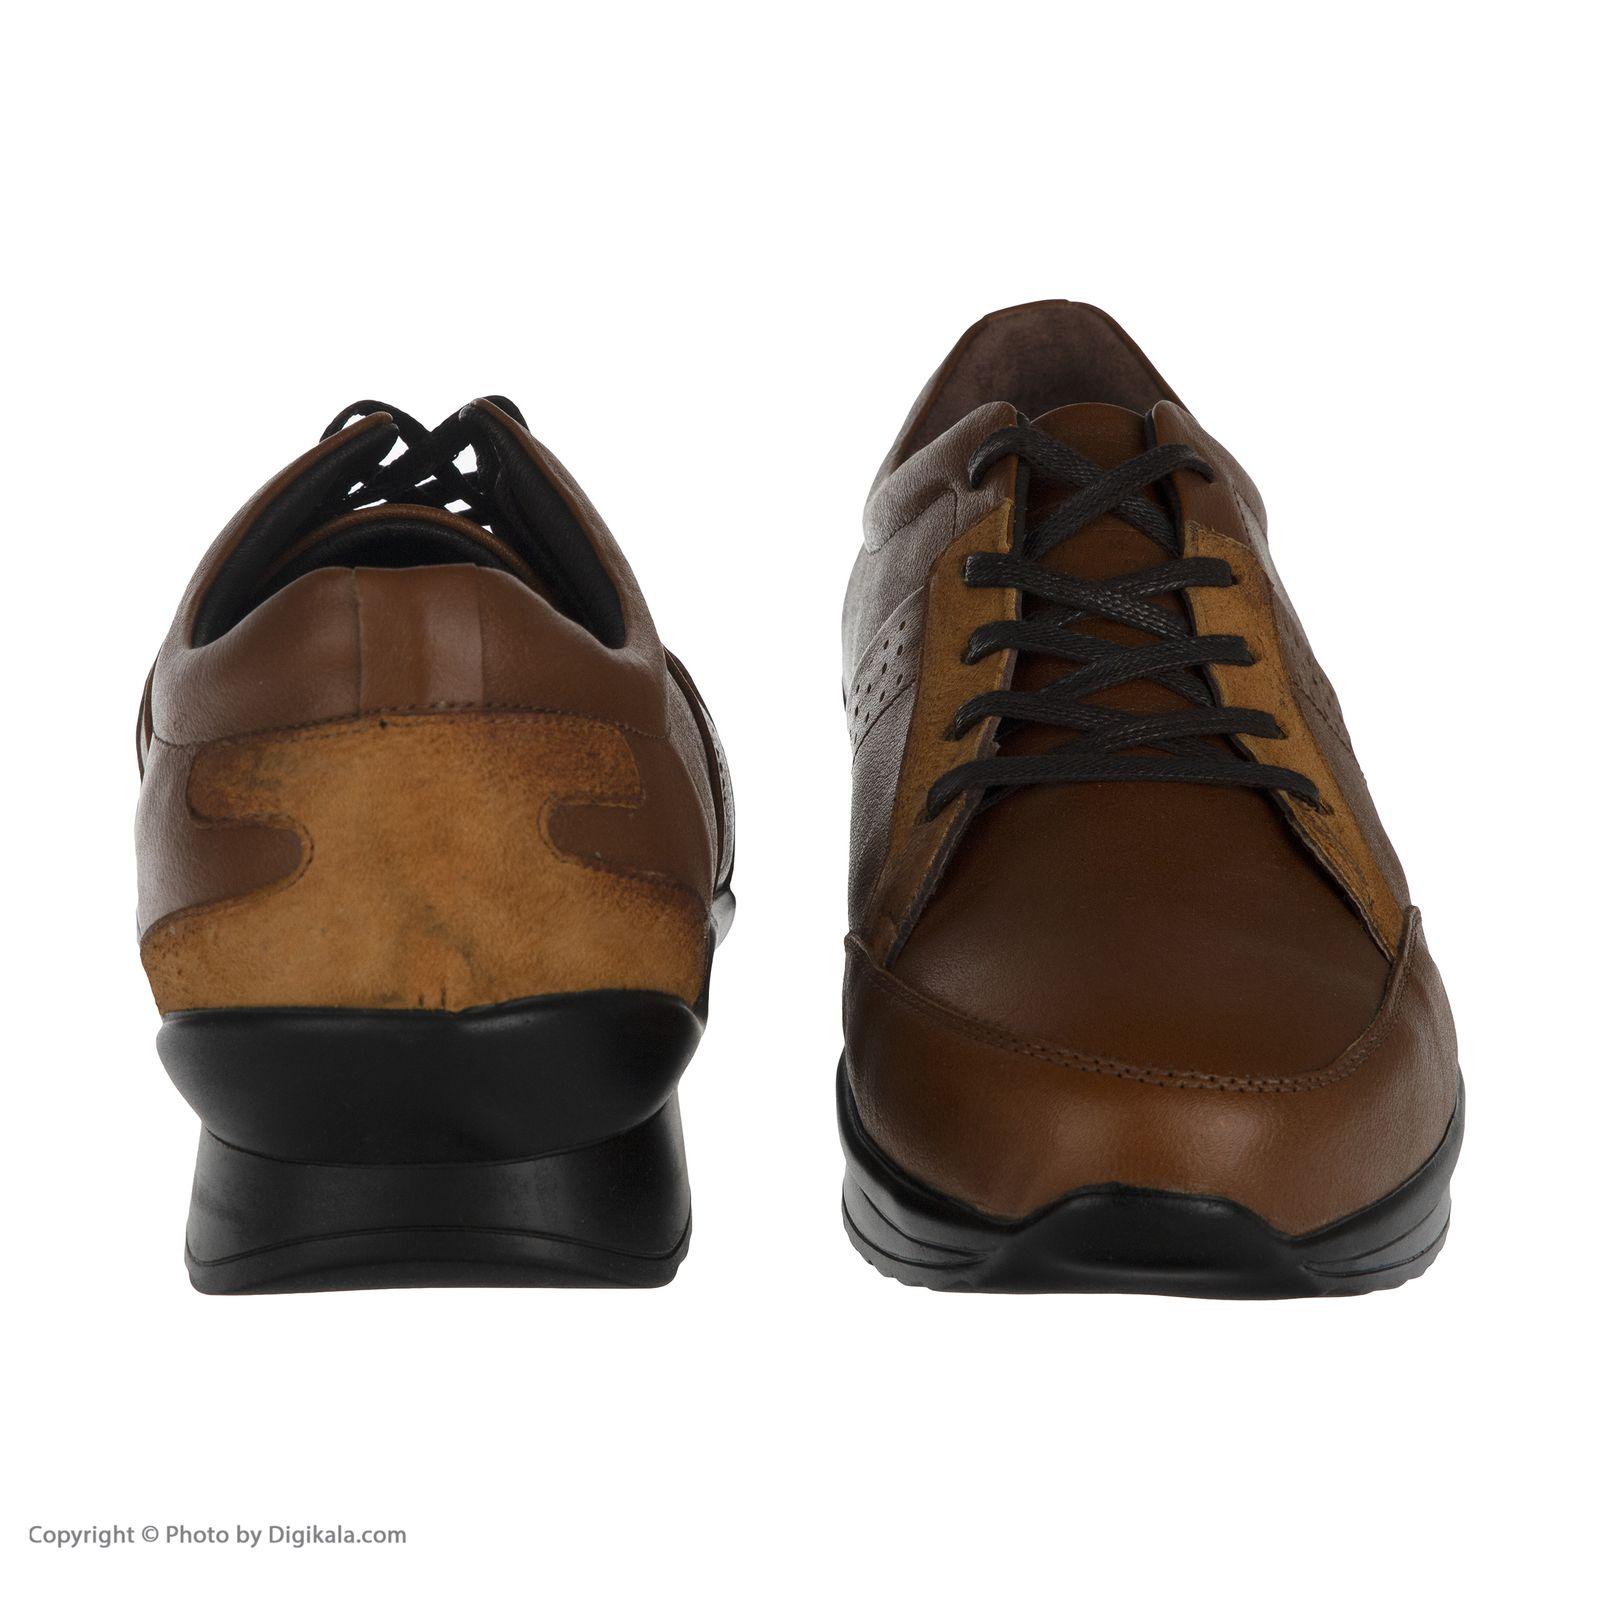 کفش روزمره مردانه بلوط مدل 7298A503136 -  - 5